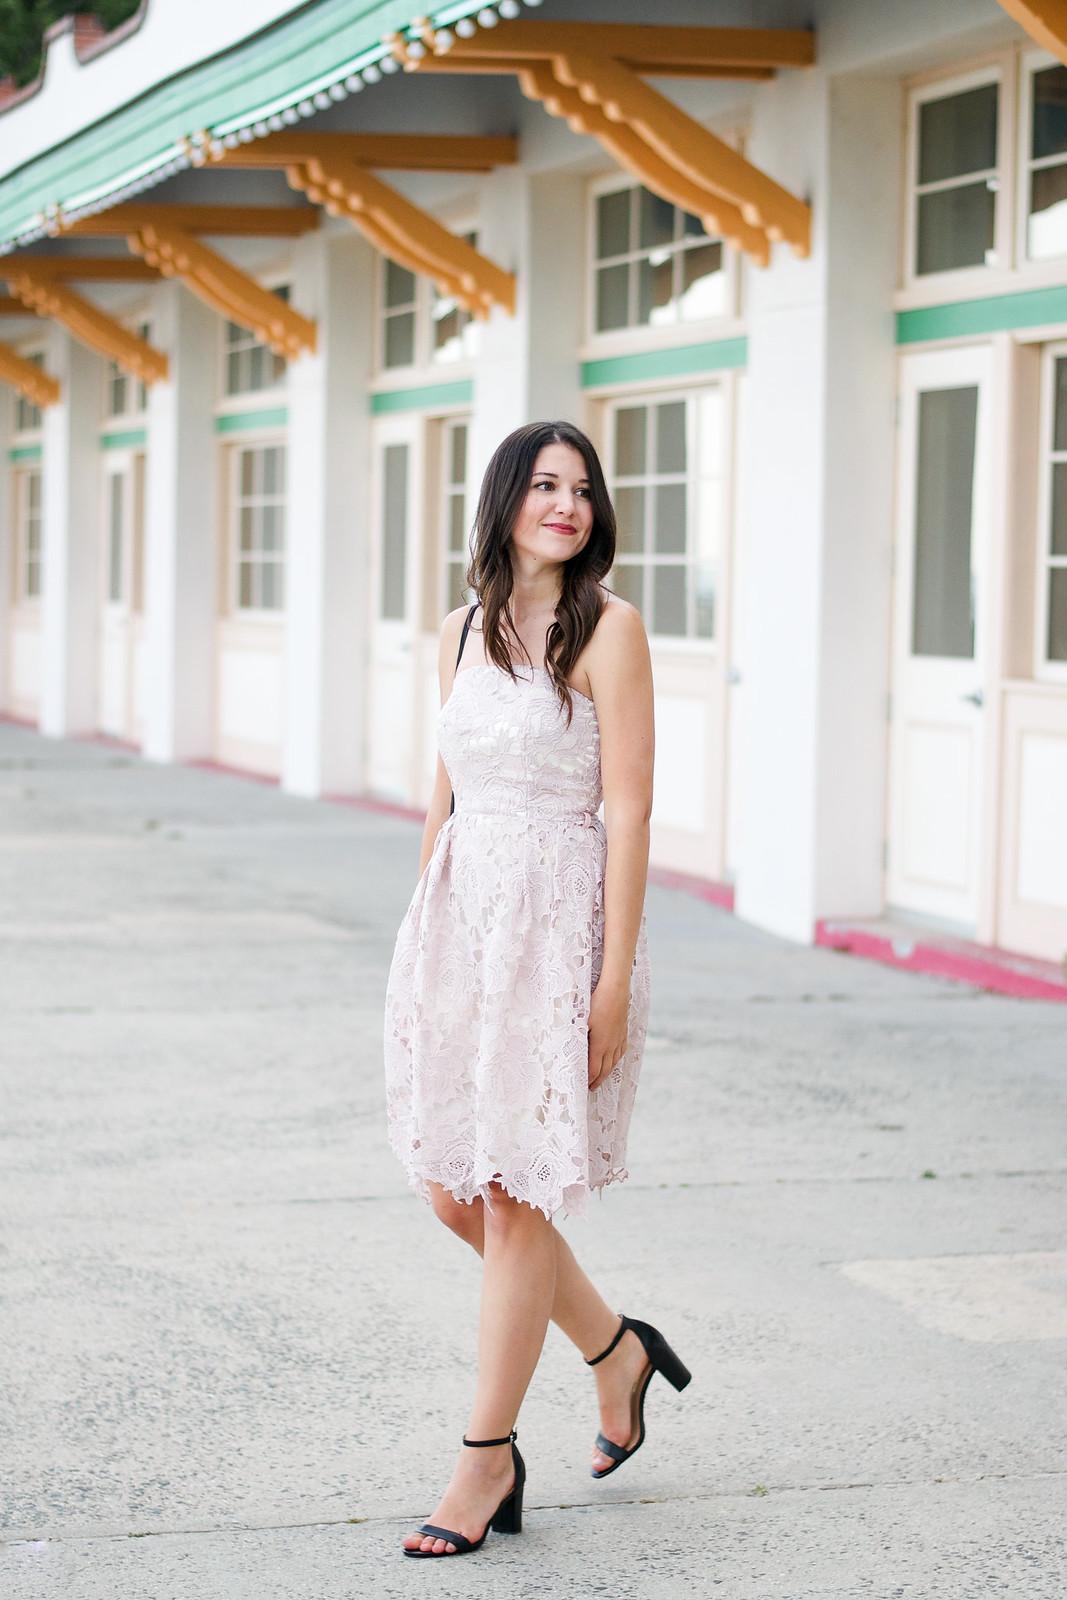 Blush Lace Dress Outfit